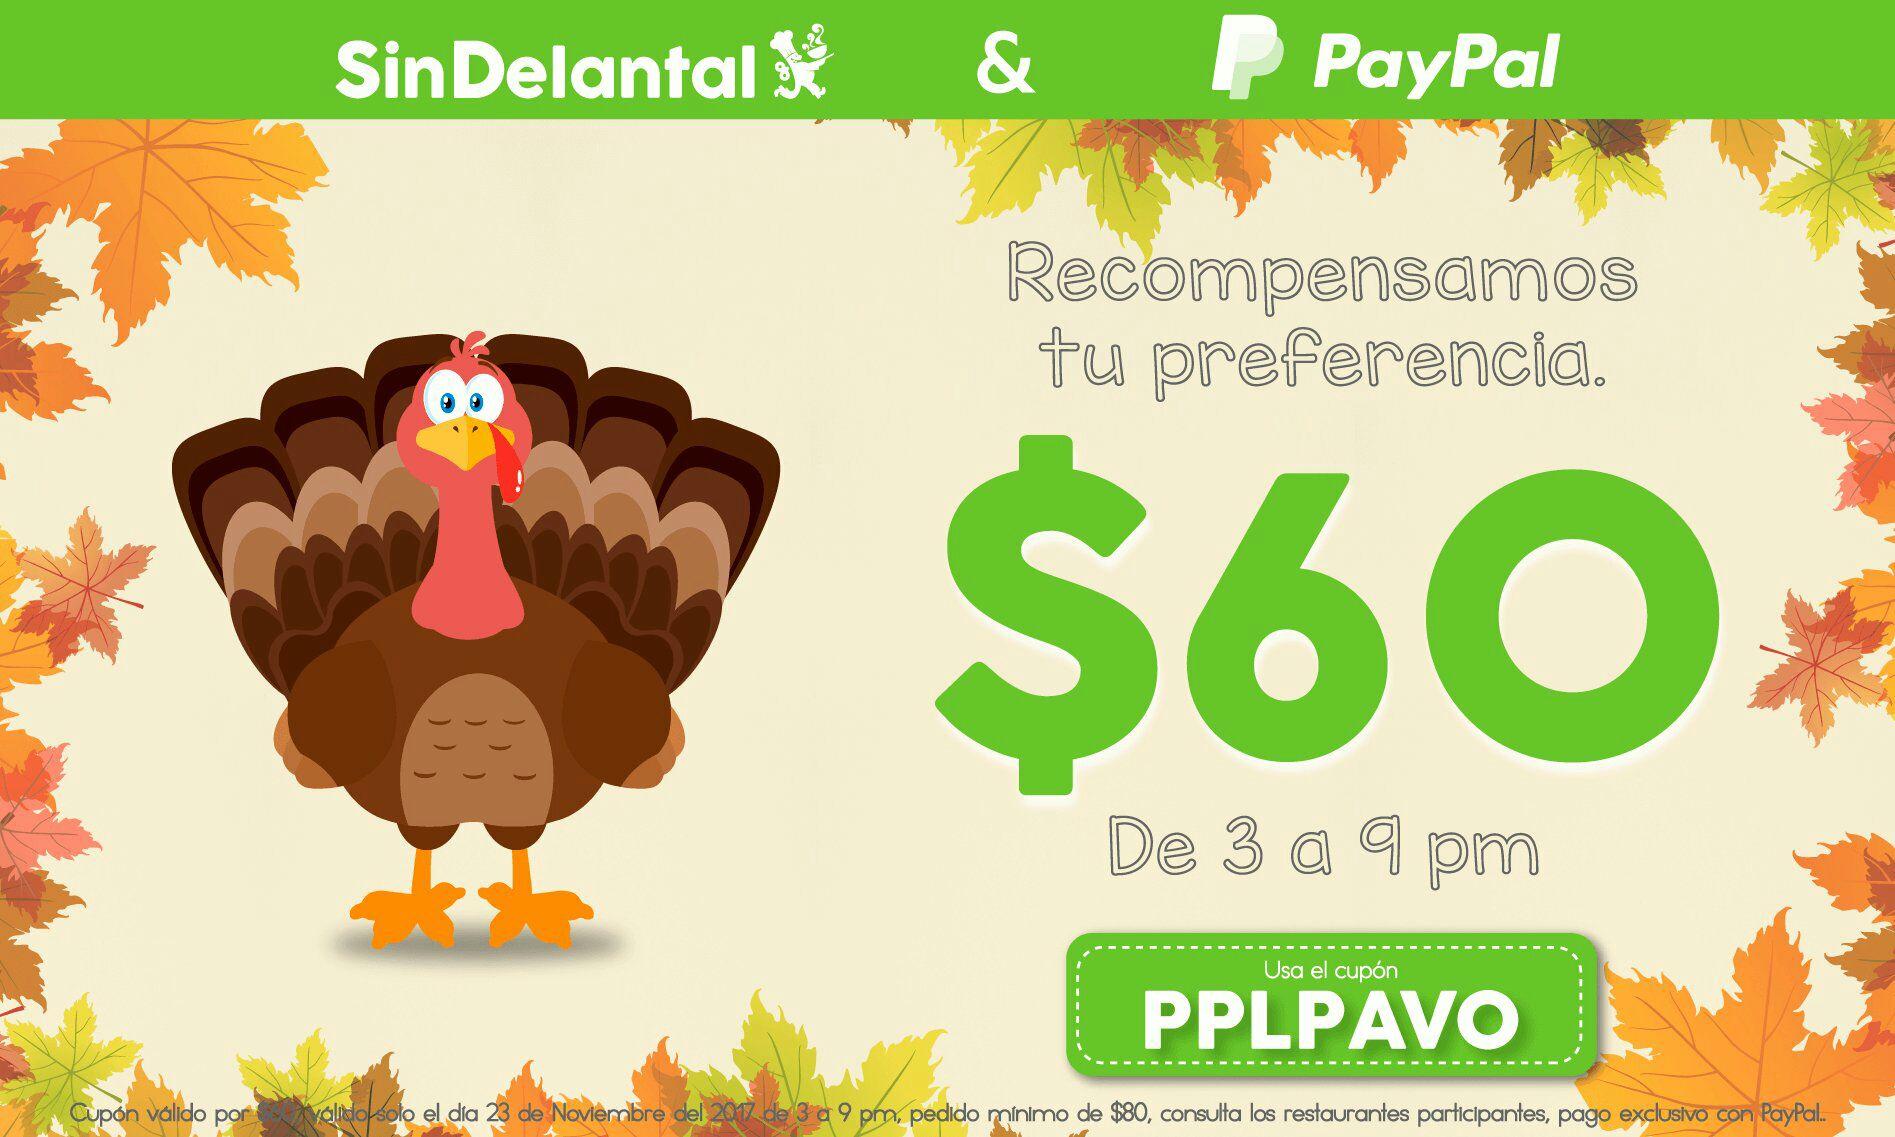 Sin Delantal: $60 de descuento